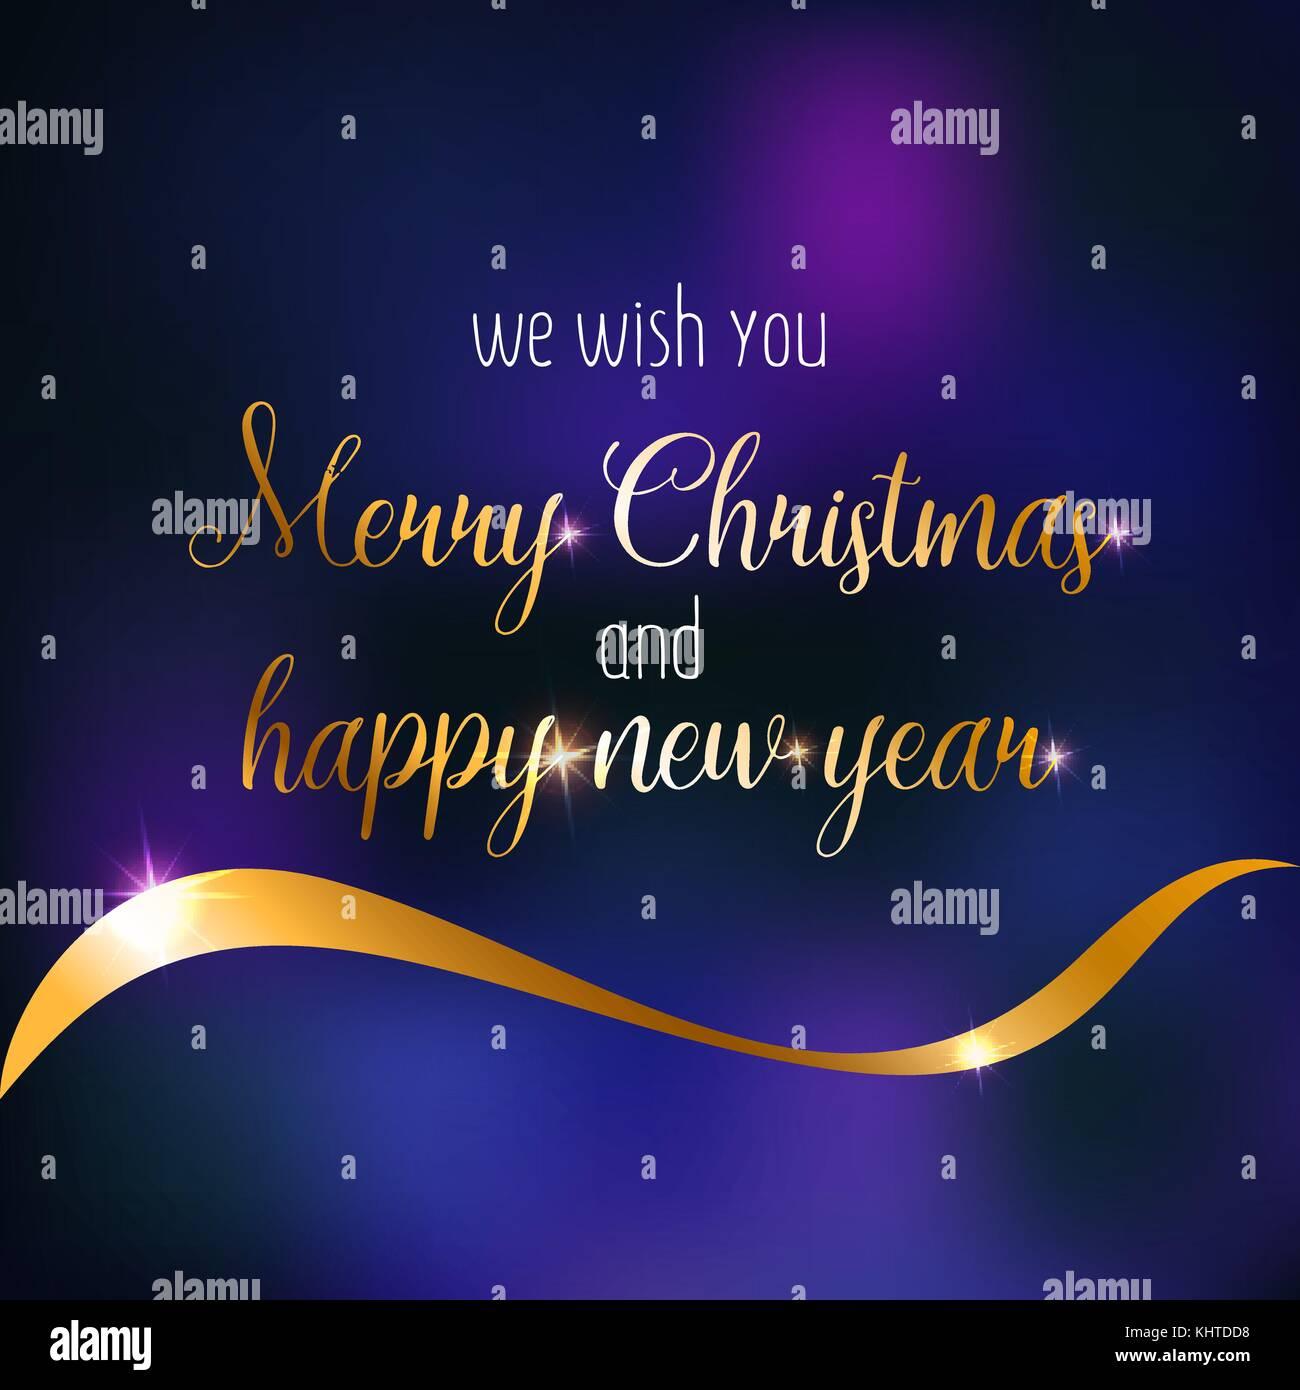 Weihnachten Bilder Mit Text.Frohe Weihnachten Text Design Vector Template Für Banner Grußkarten